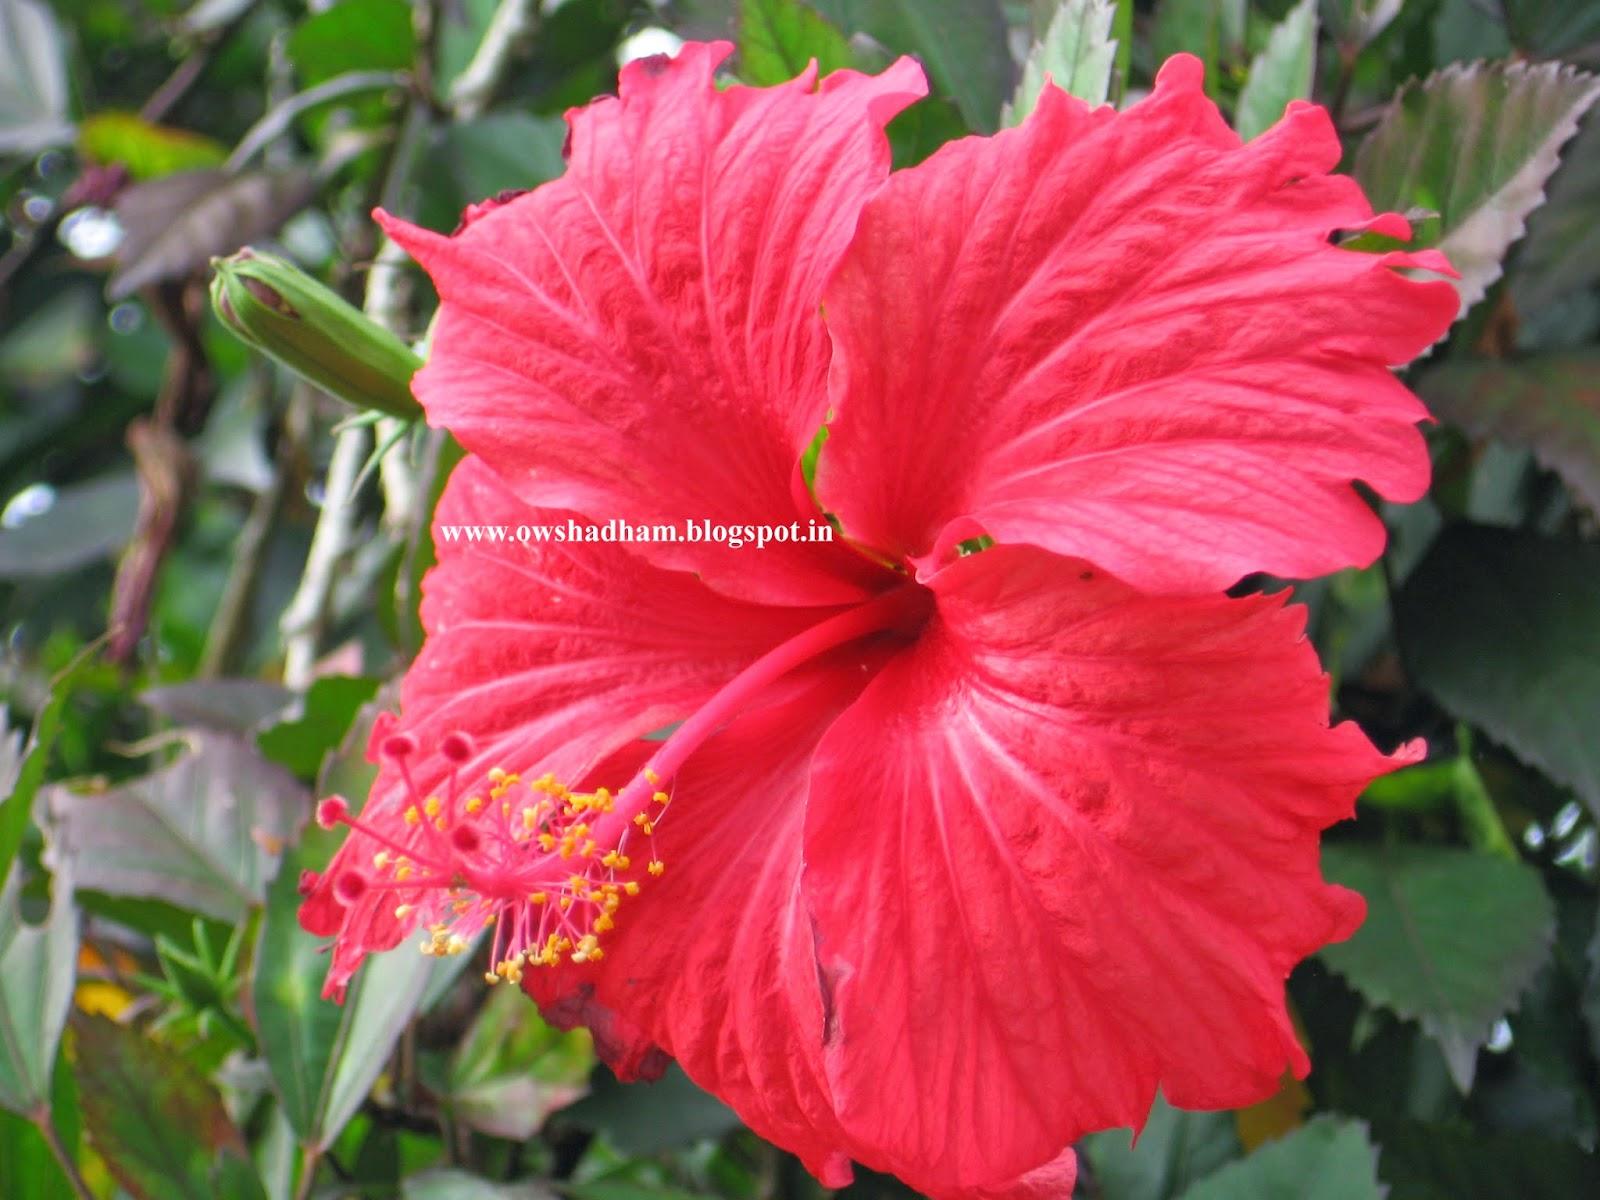 செம்பருத்தி பூ - ஔசதம்